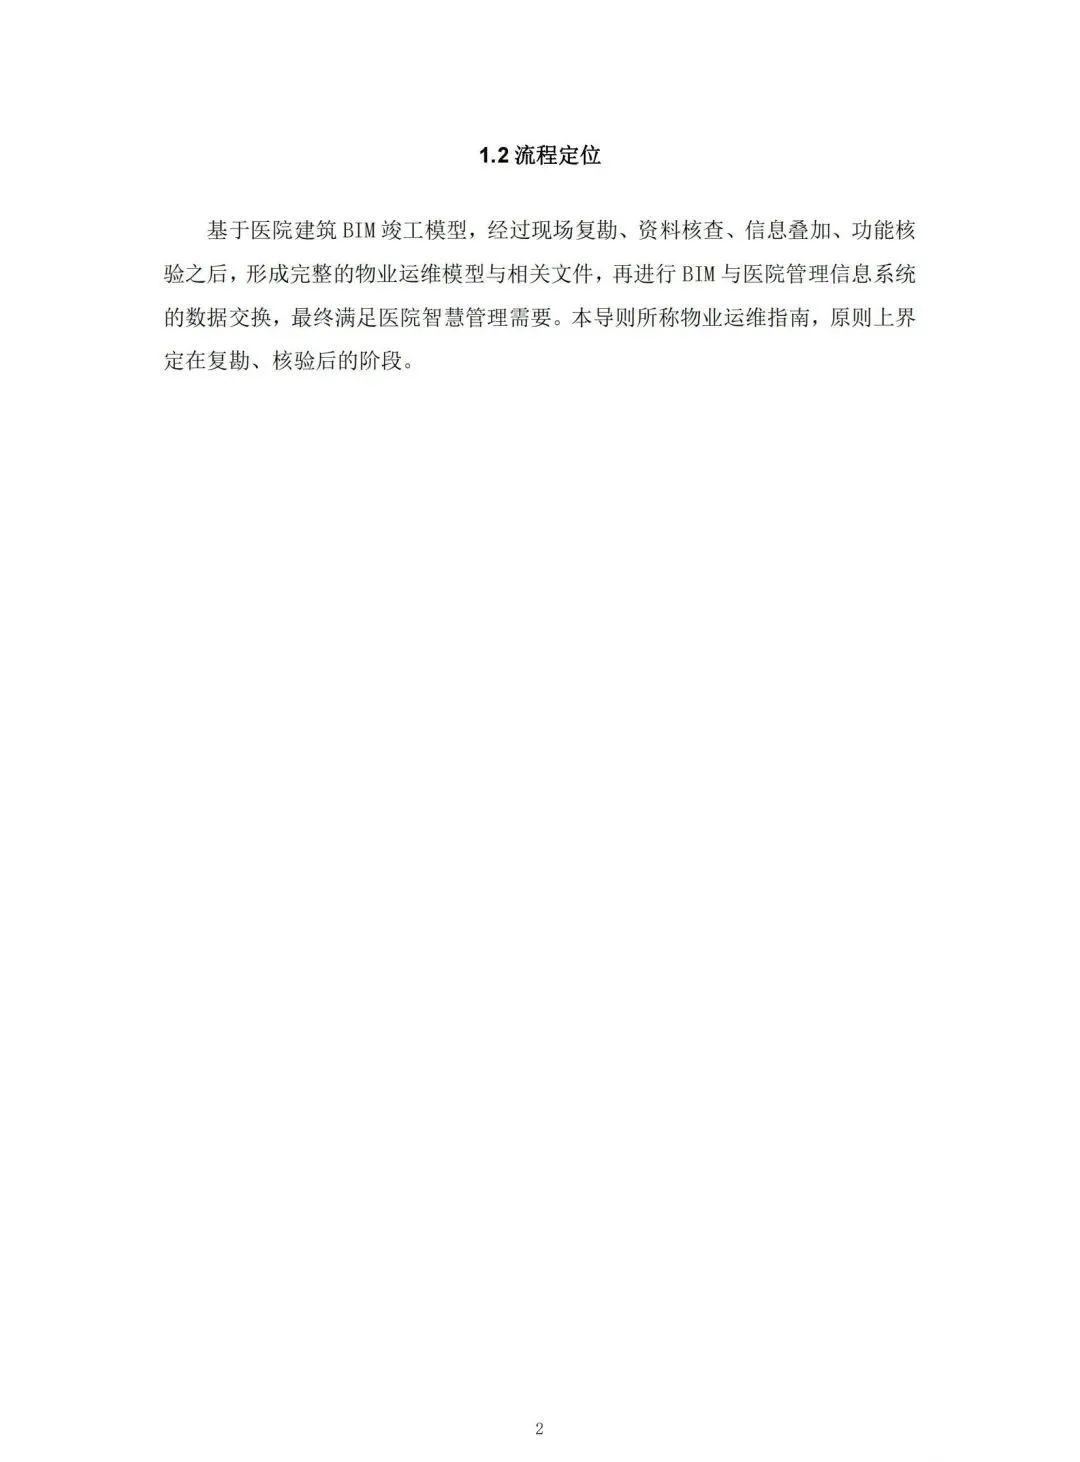 国内首本BIM运维标准!山东省住建厅颁布《医院建筑BIM版物业运维指南编制技术导则》